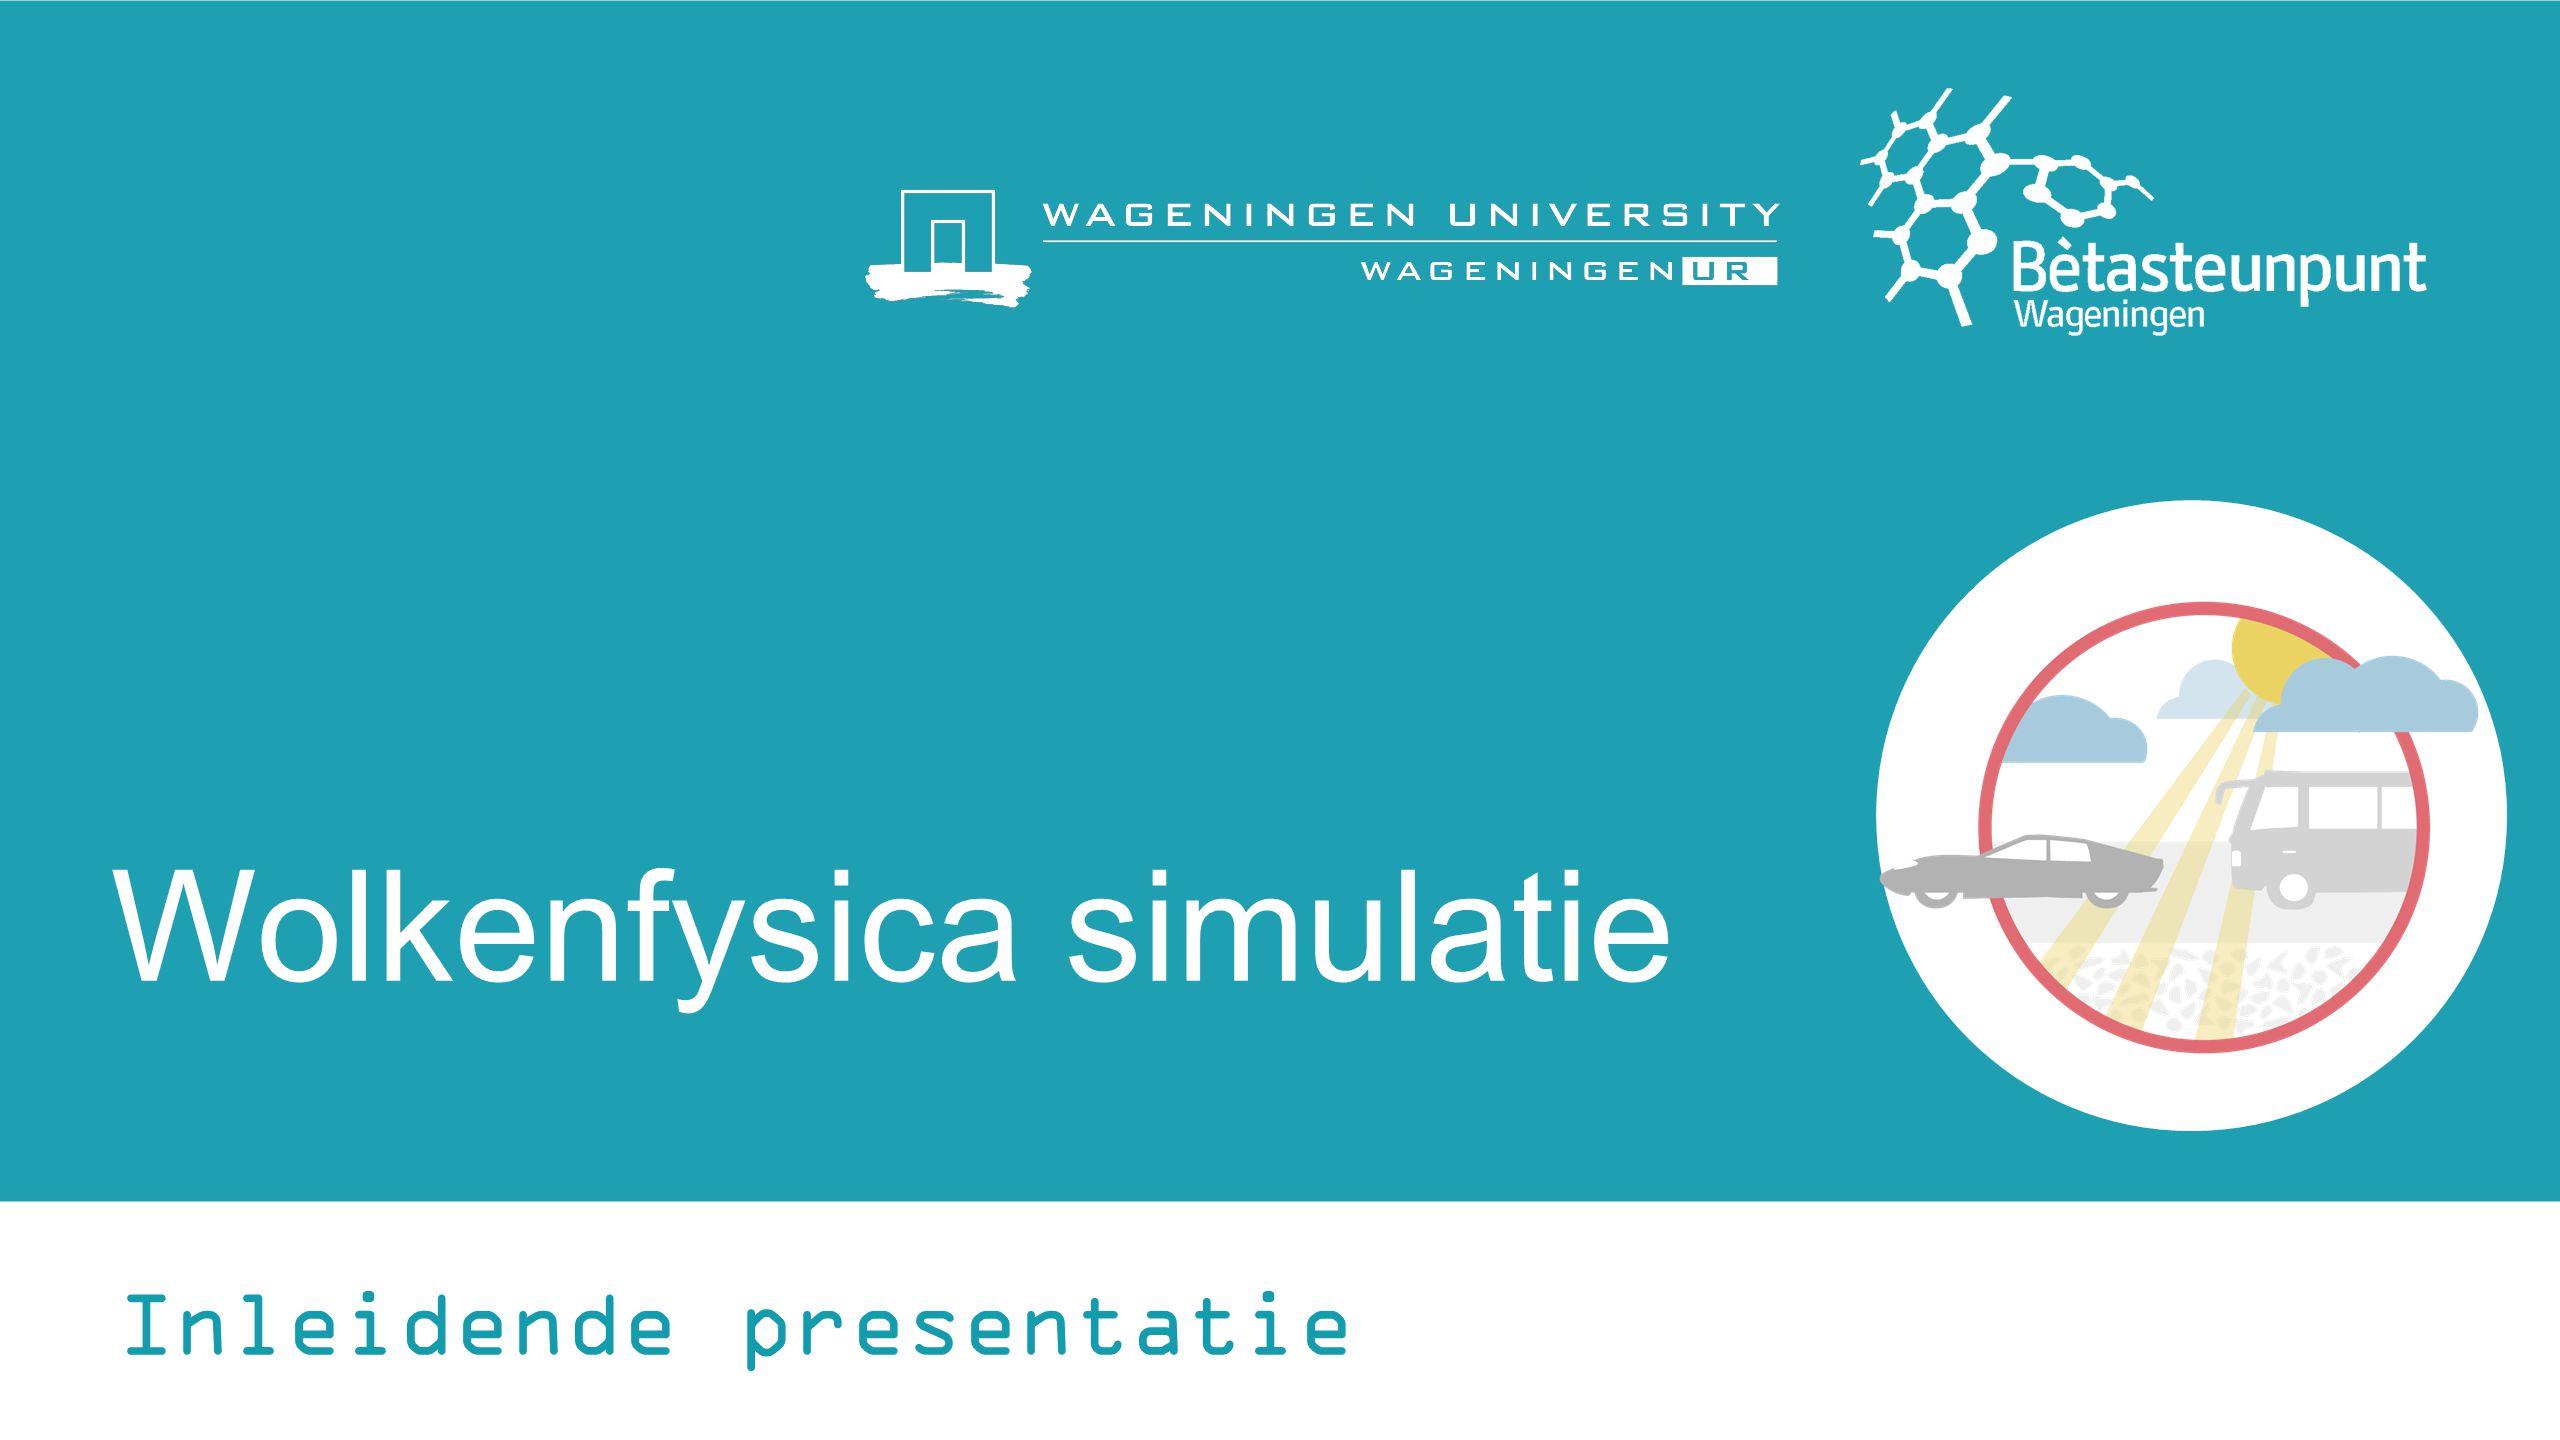 Wolkenfysica simulatie